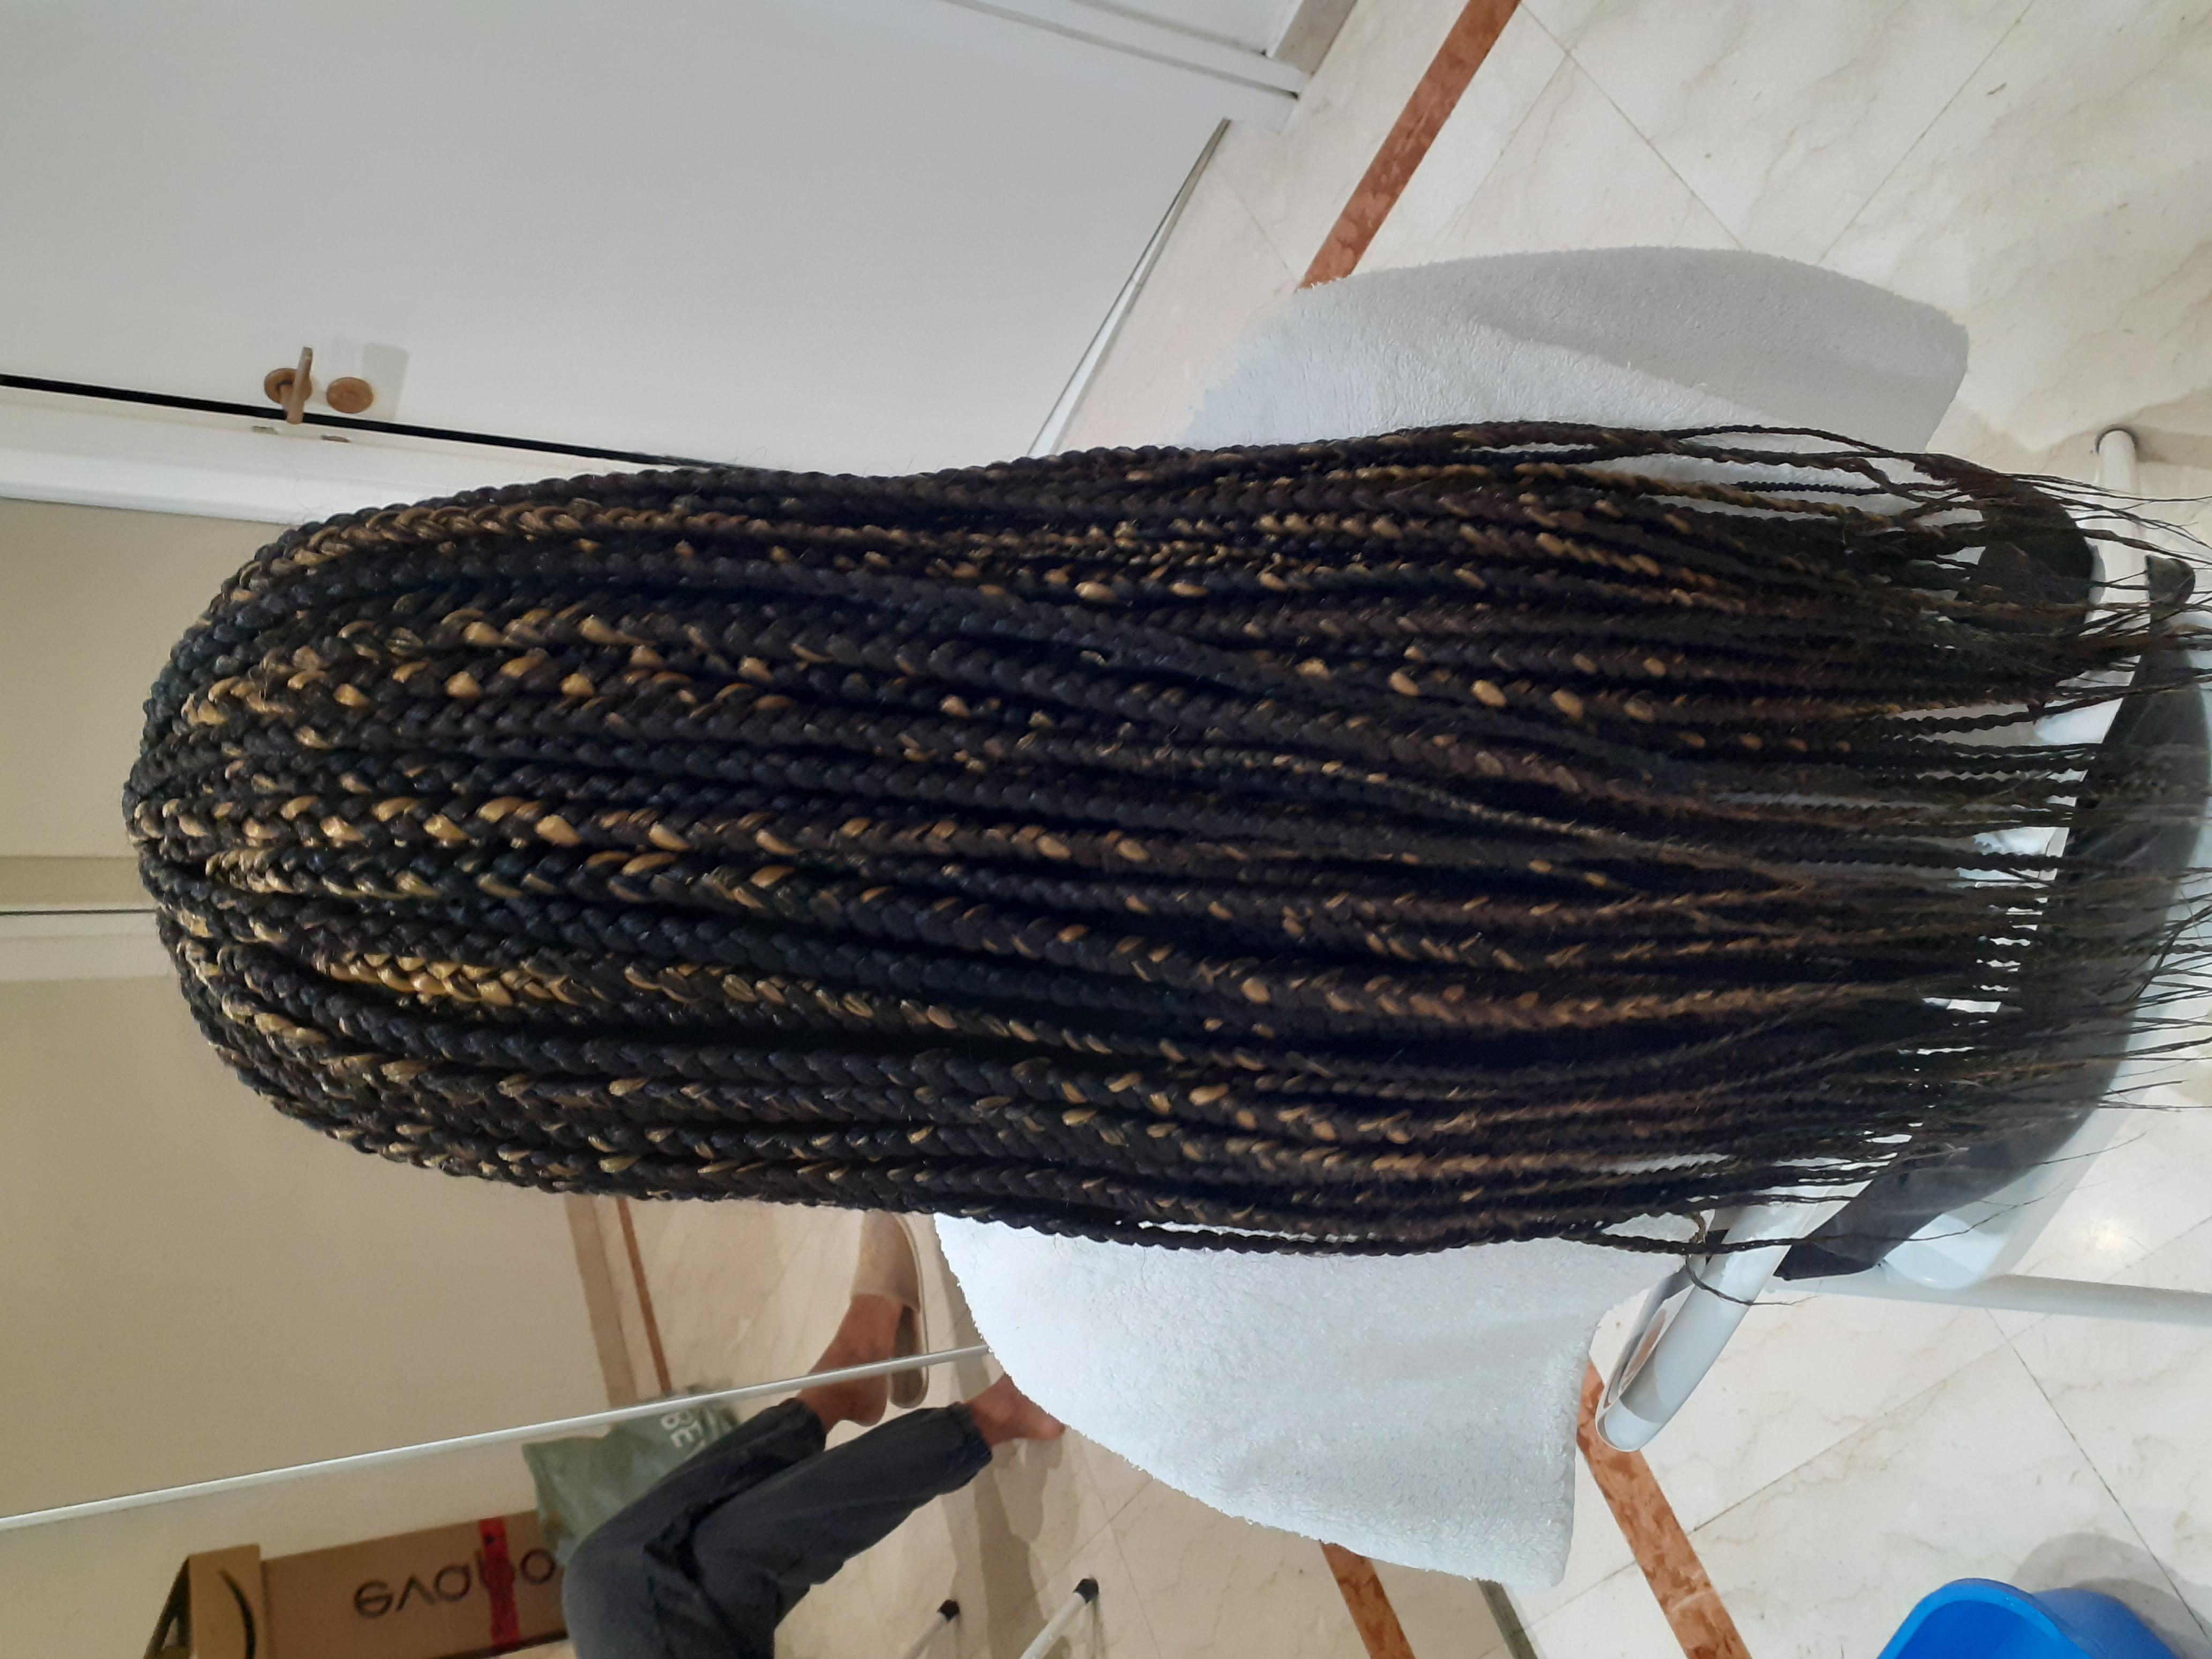 salon de coiffure afro tresse tresses box braids crochet braids vanilles tissages paris 75 77 78 91 92 93 94 95 YPKWYLEY